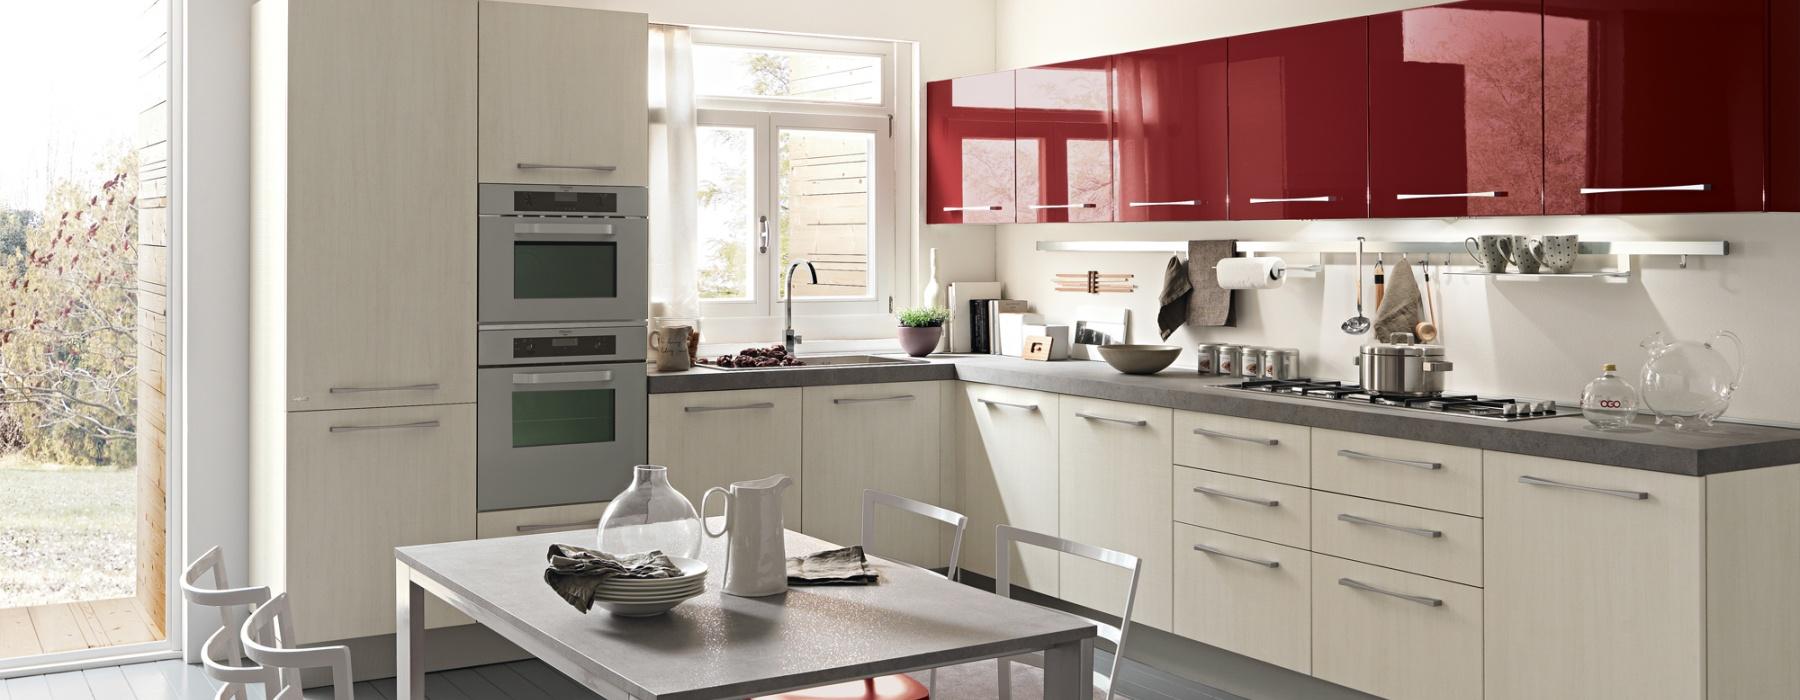 Cucine da rinnovare idee e suggerimenti per ispirarvi - Cucine d arredo ...